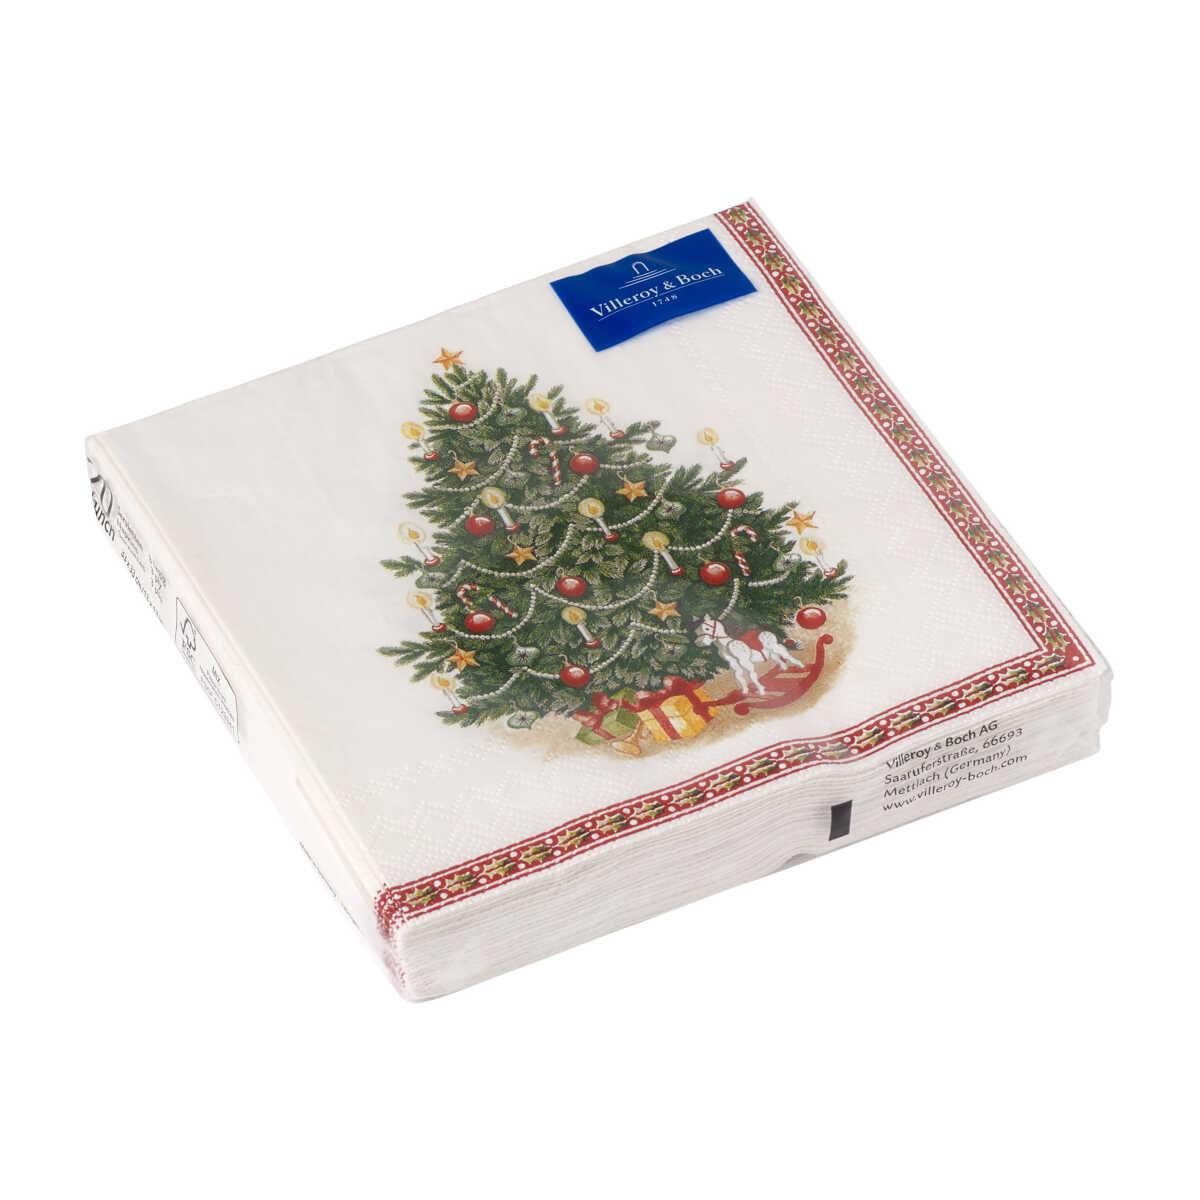 Villeroy & Boch Winter Specials Serviette Lunch 'Tannenbaum' 20 Stück 33x33 cm   Heimtextilien > Tischdecken und Co > Servietten   Villeroy & Boch